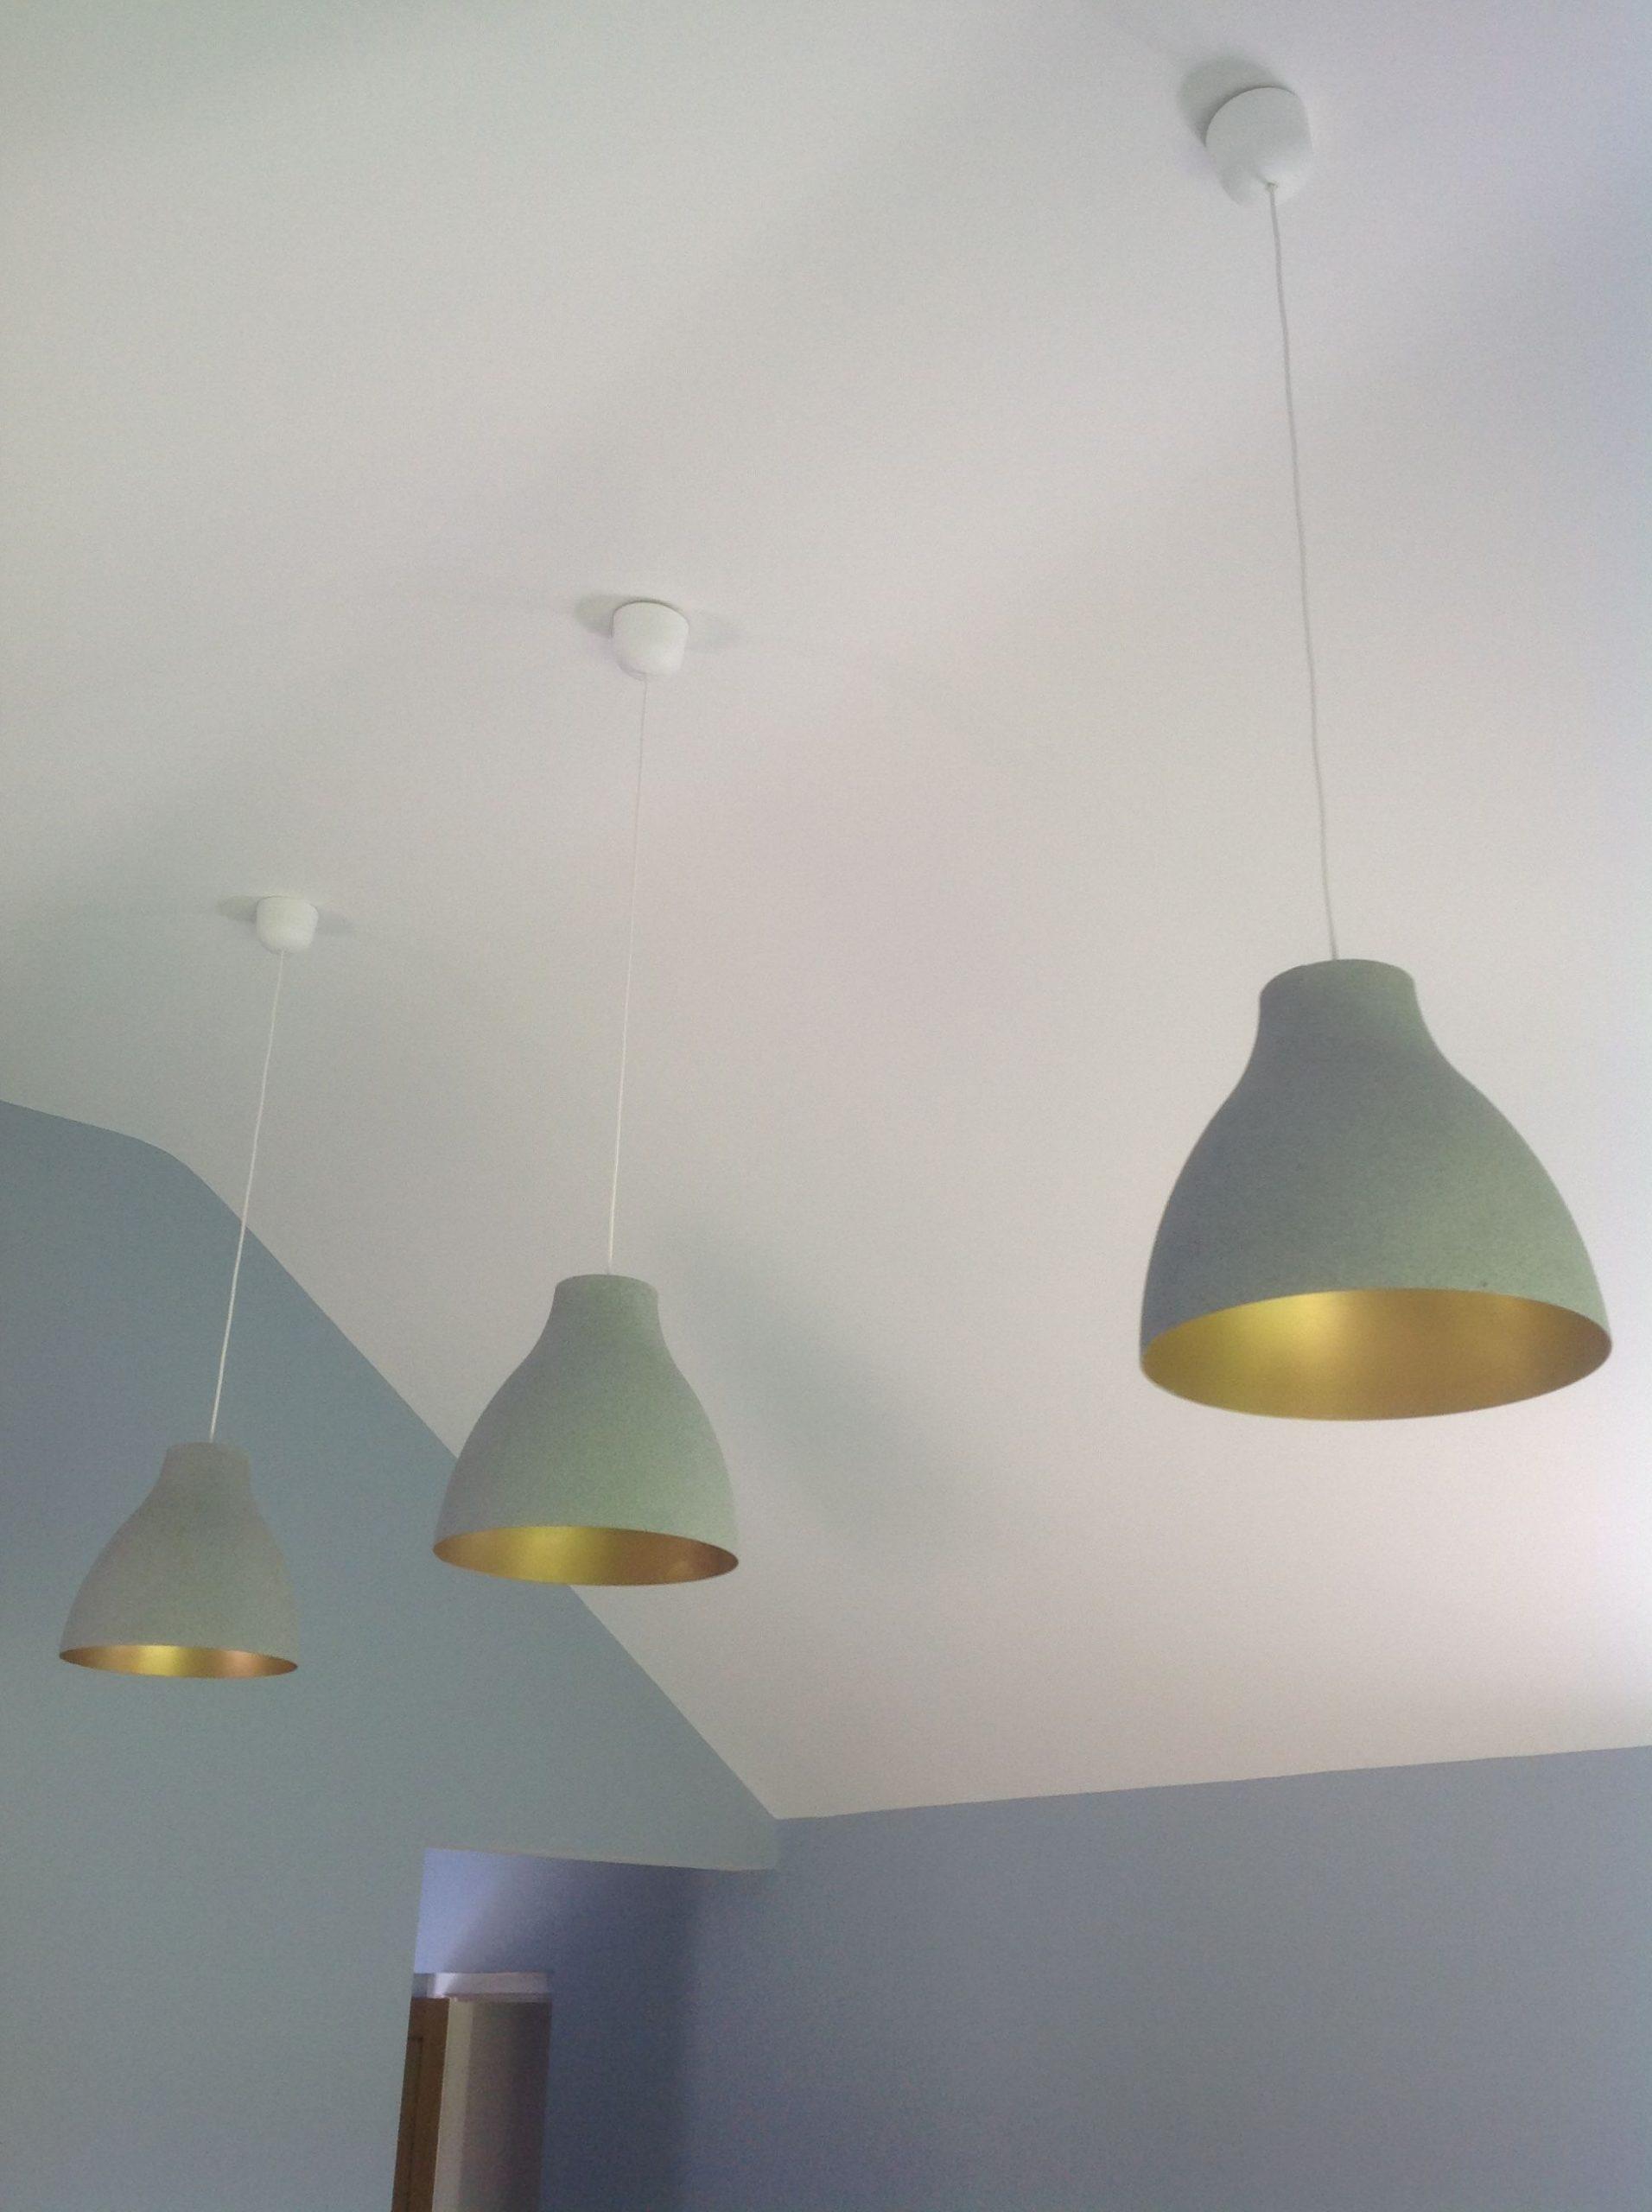 Full Size of Küchenlampen Ikea Hack Melodi White Plastic Lampshades Transformed Wohnzimmer Küchenlampen